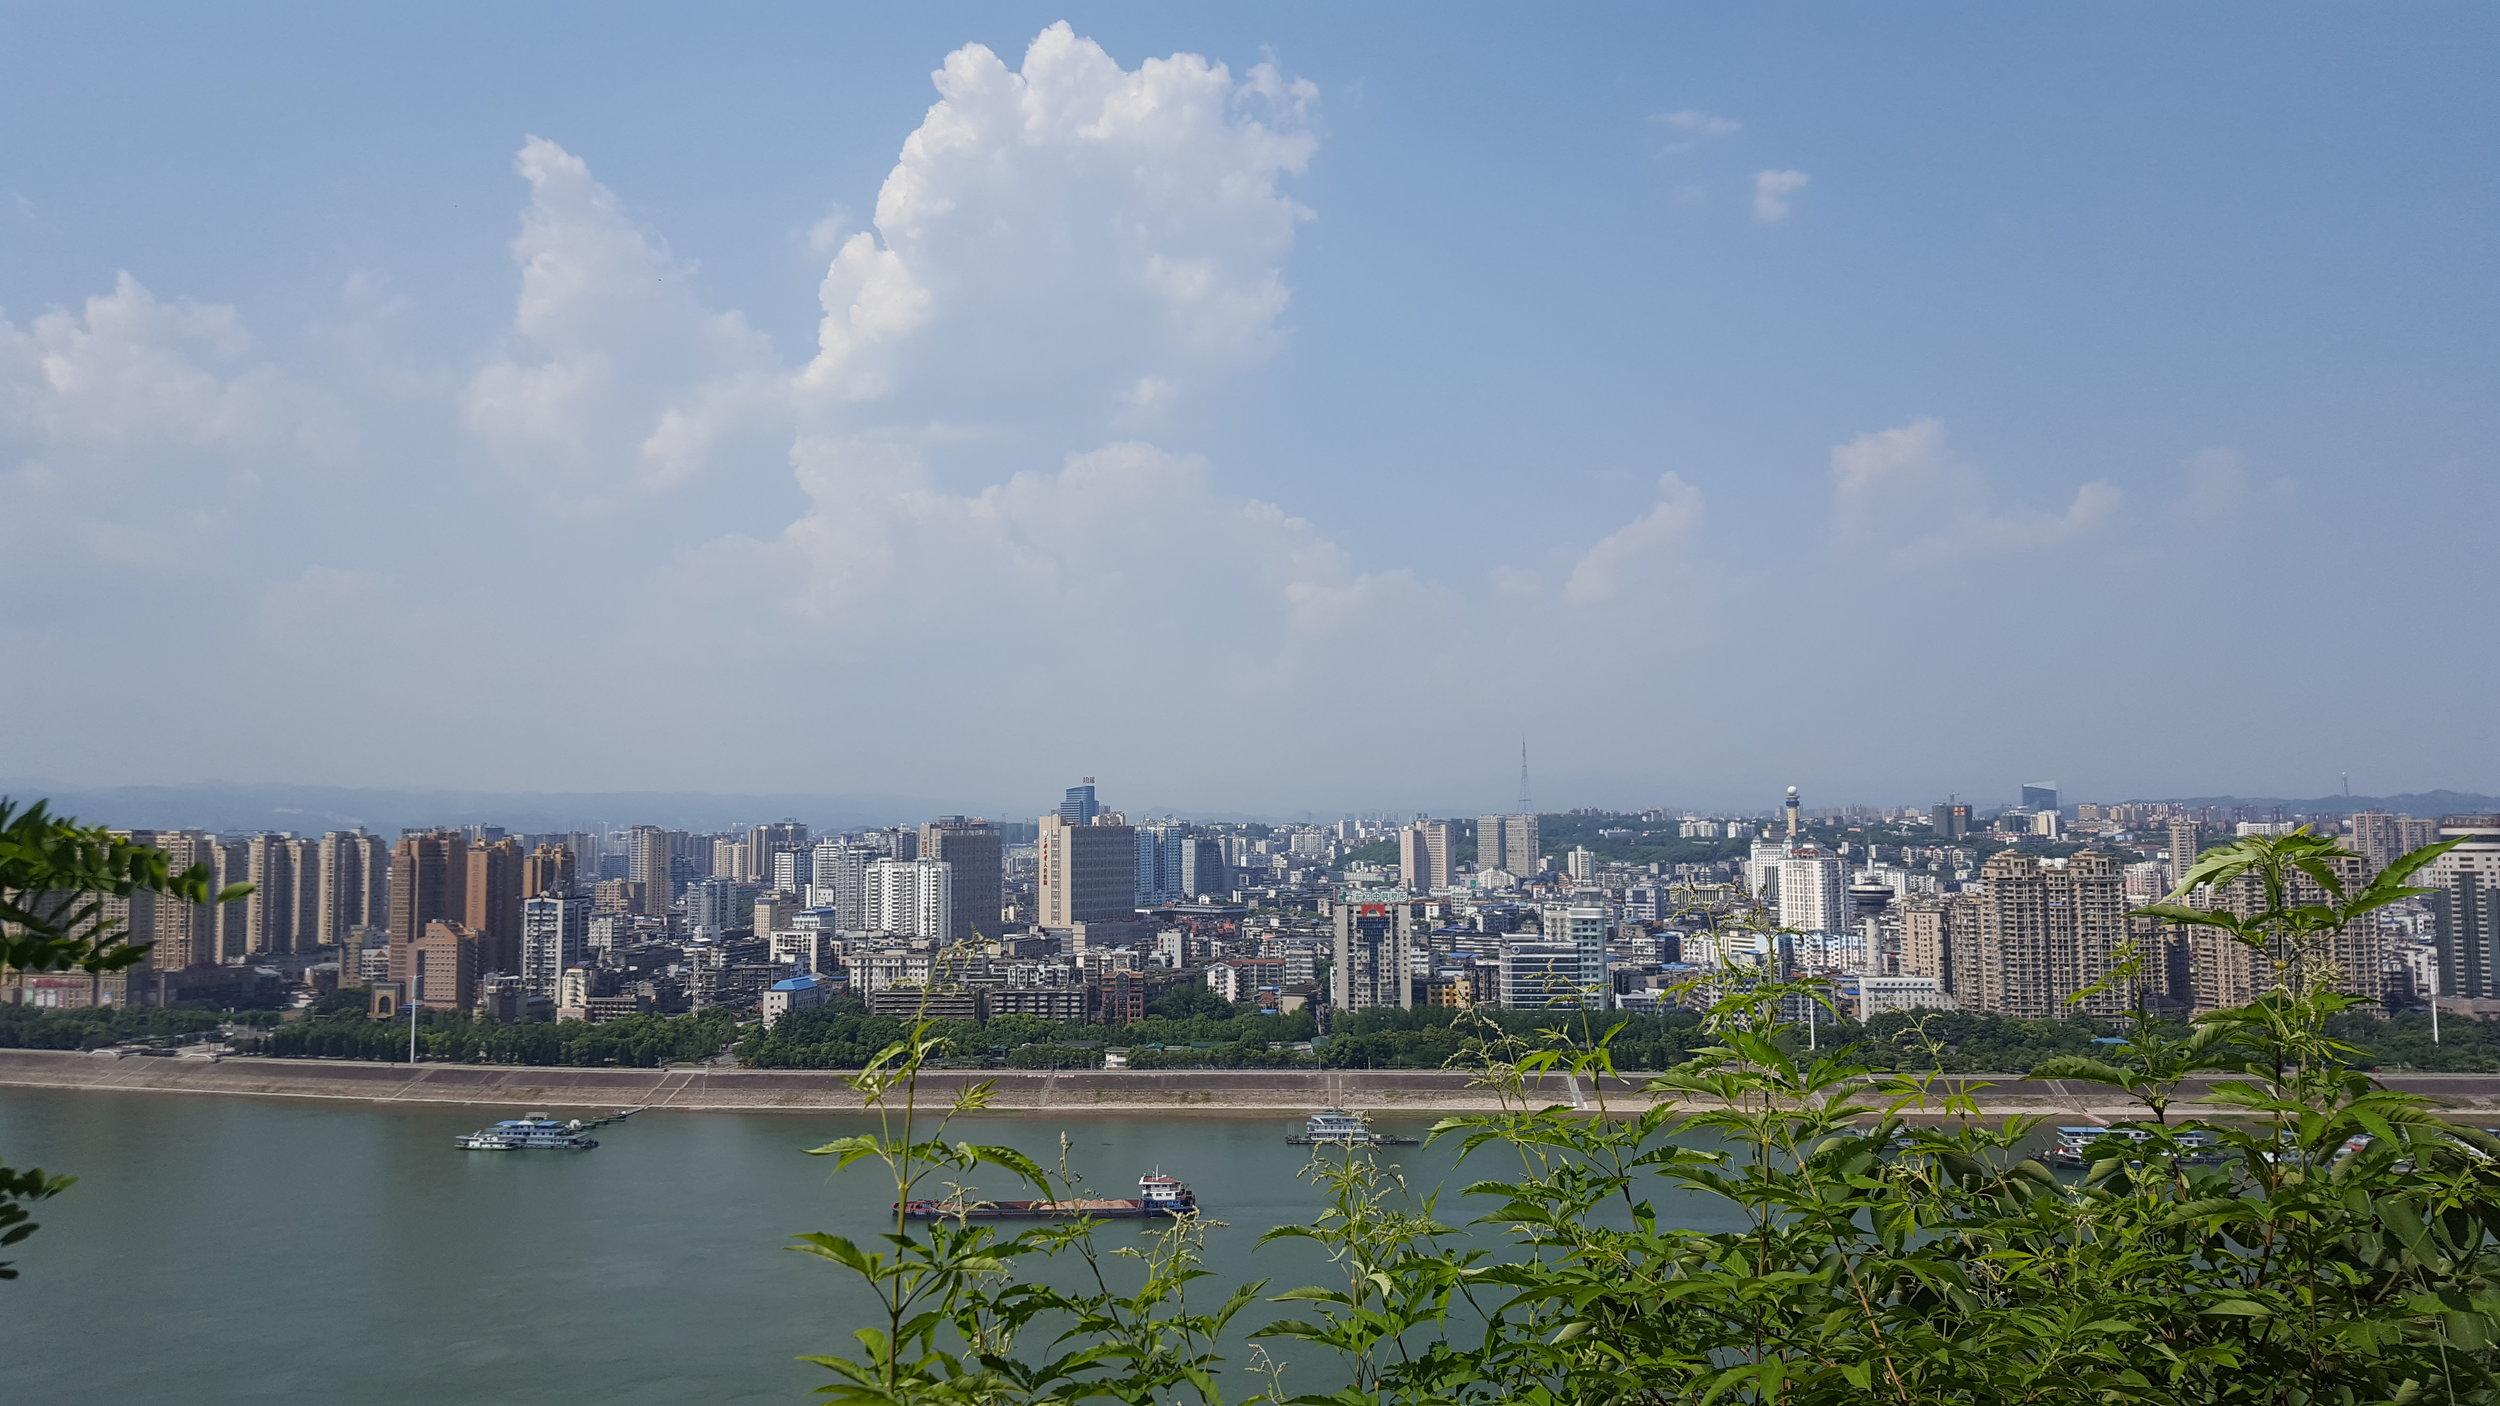 Yichang_skyline_4.jpg